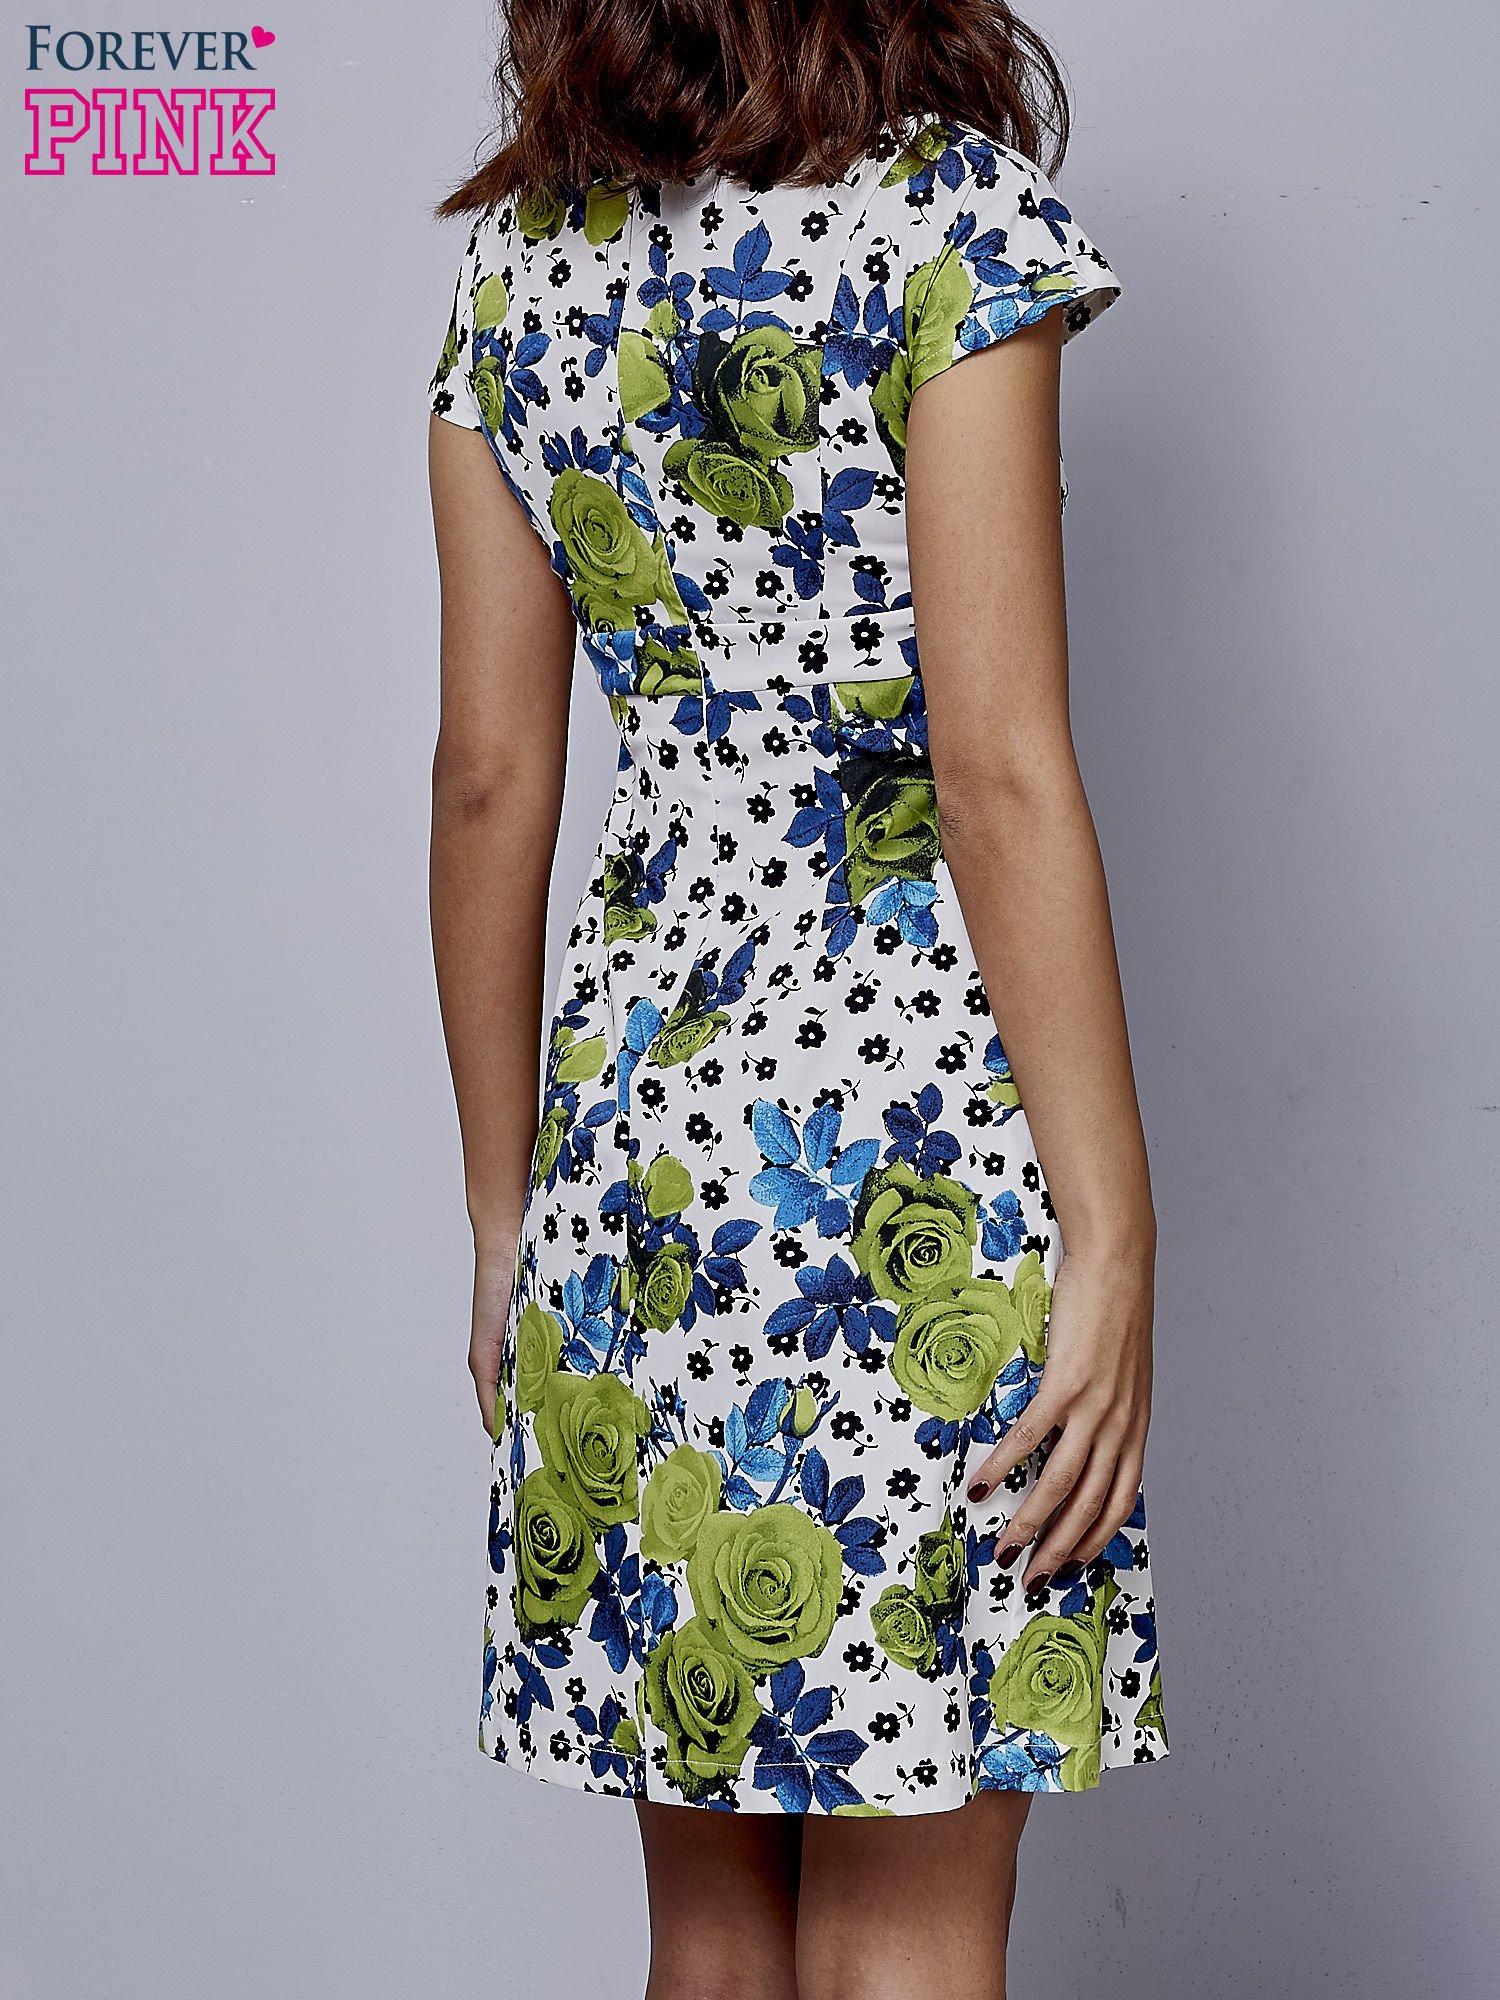 Biała rozkloszowana sukienka z krótkim rękawem w zielone kwiaty                                  zdj.                                  4